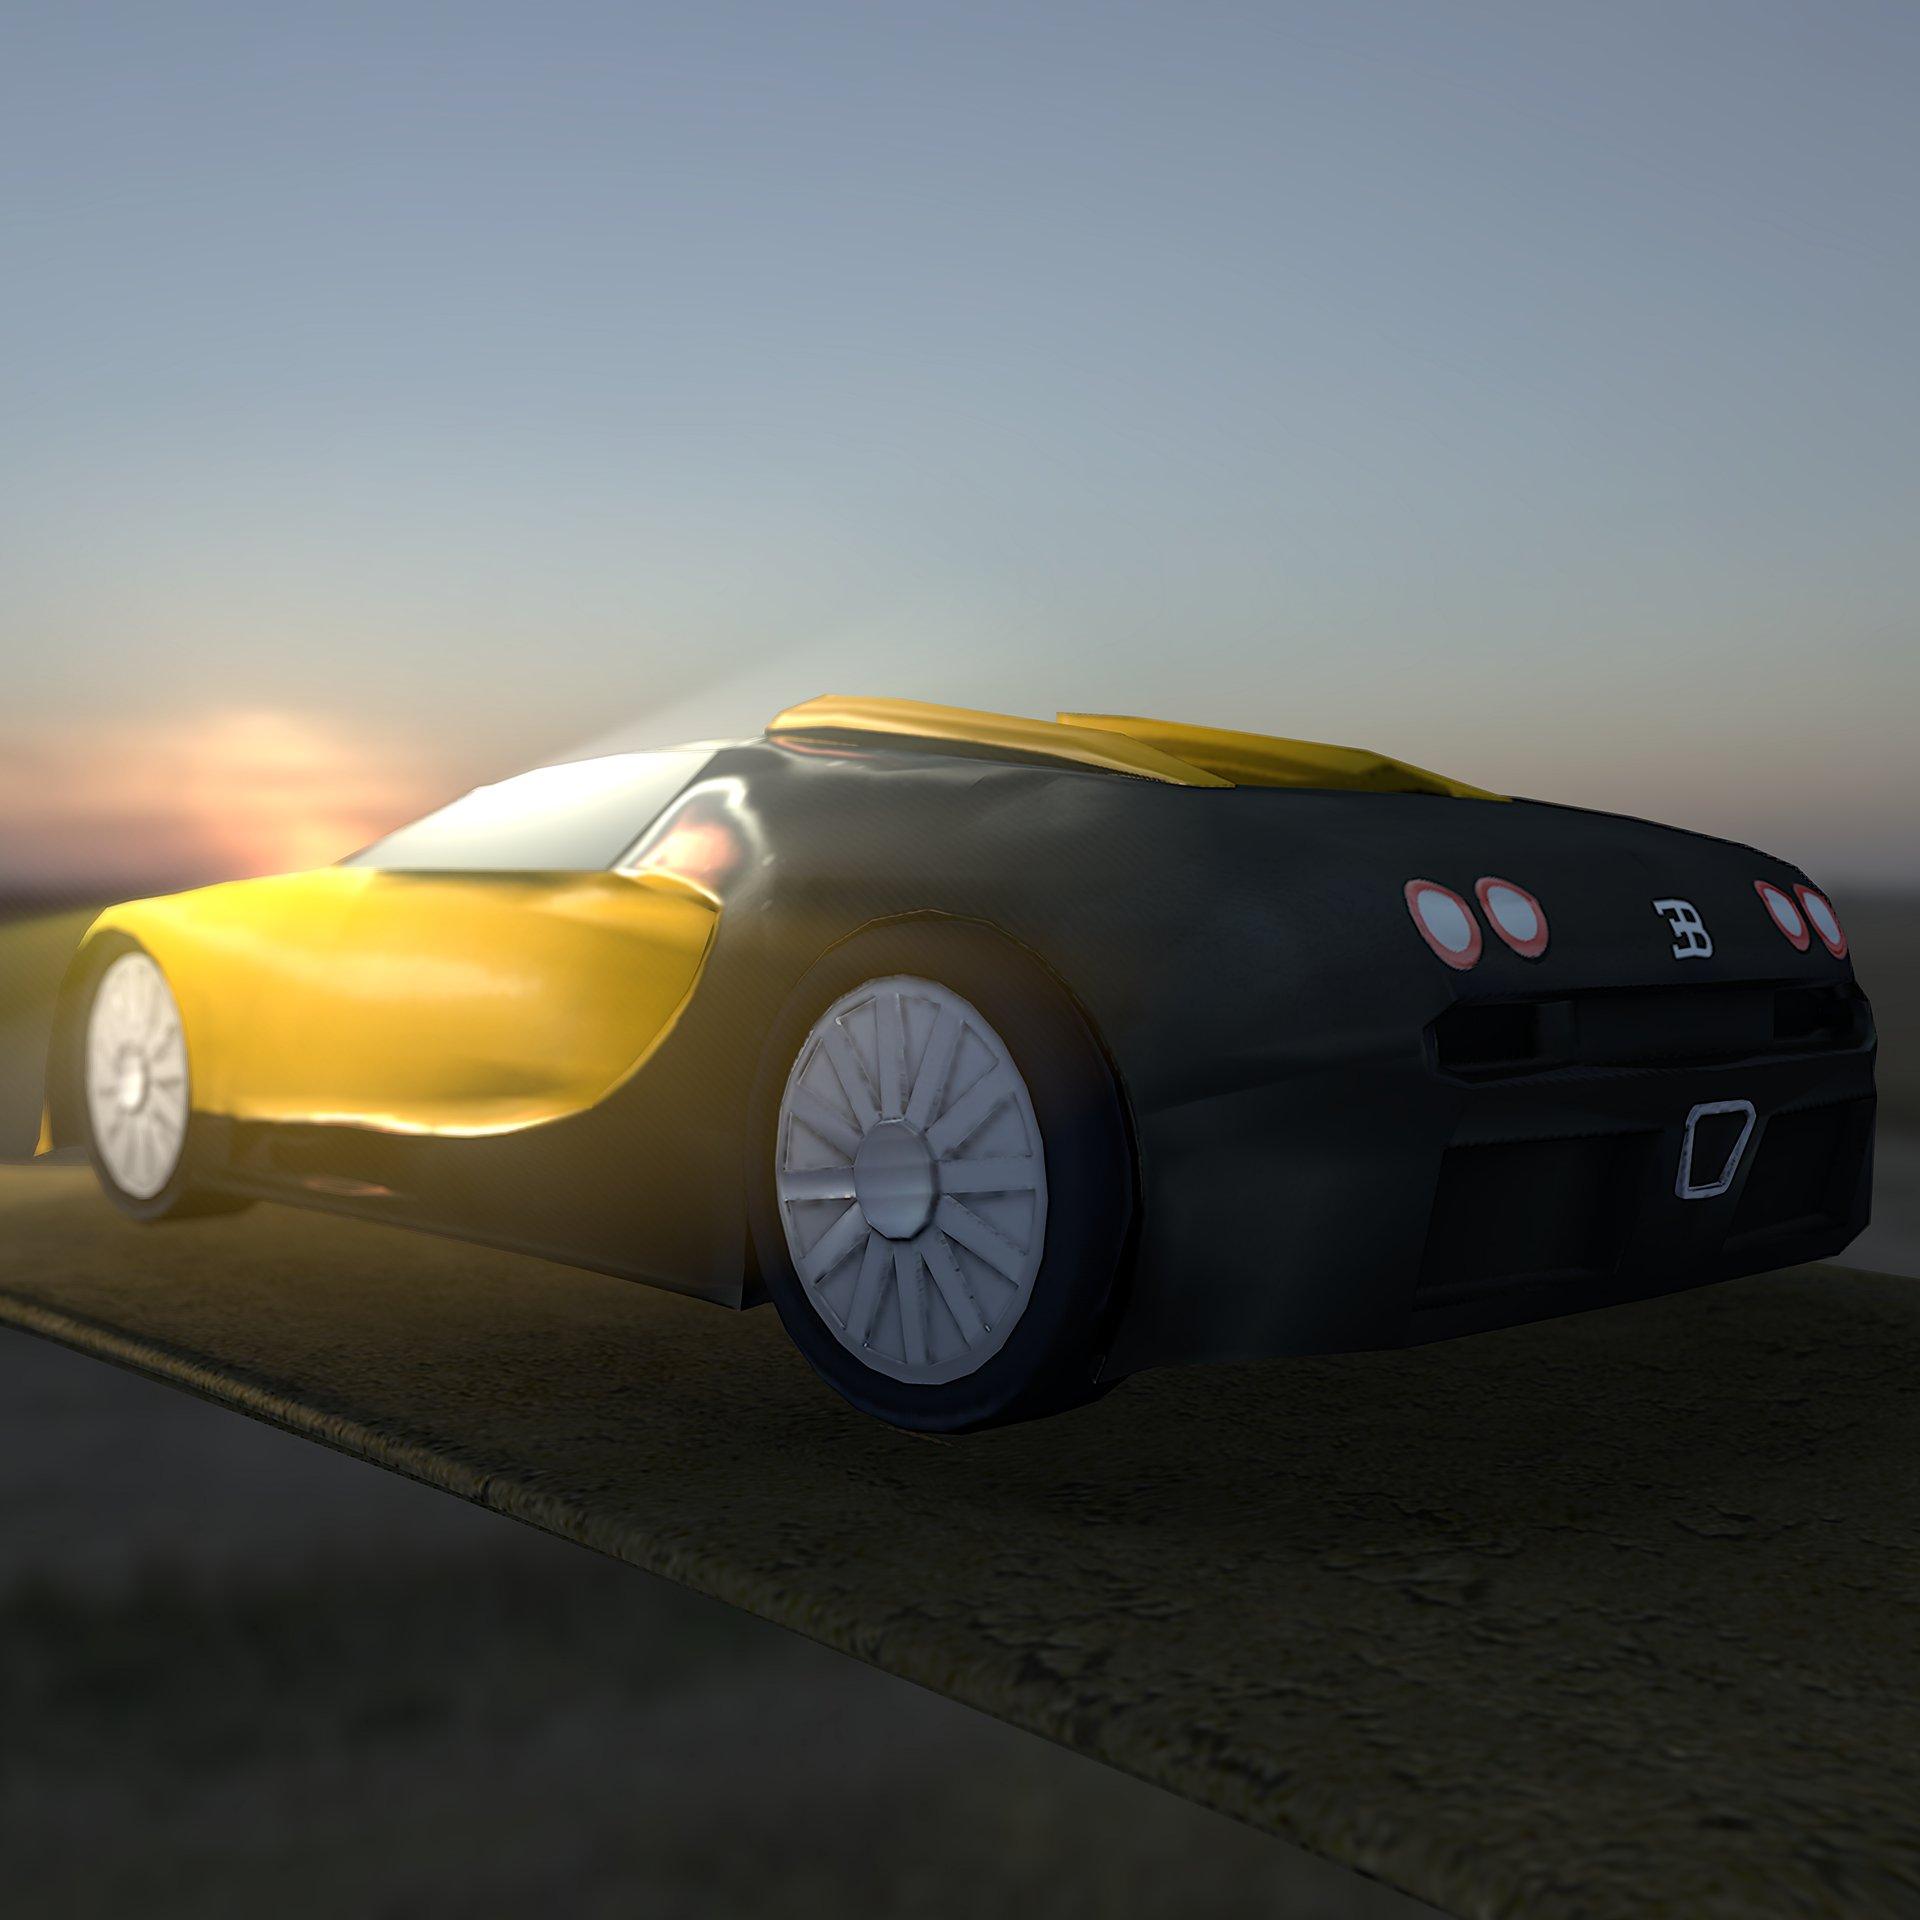 Custom Bugatti Veyron Super Rear View: Bugatti Veyron Back